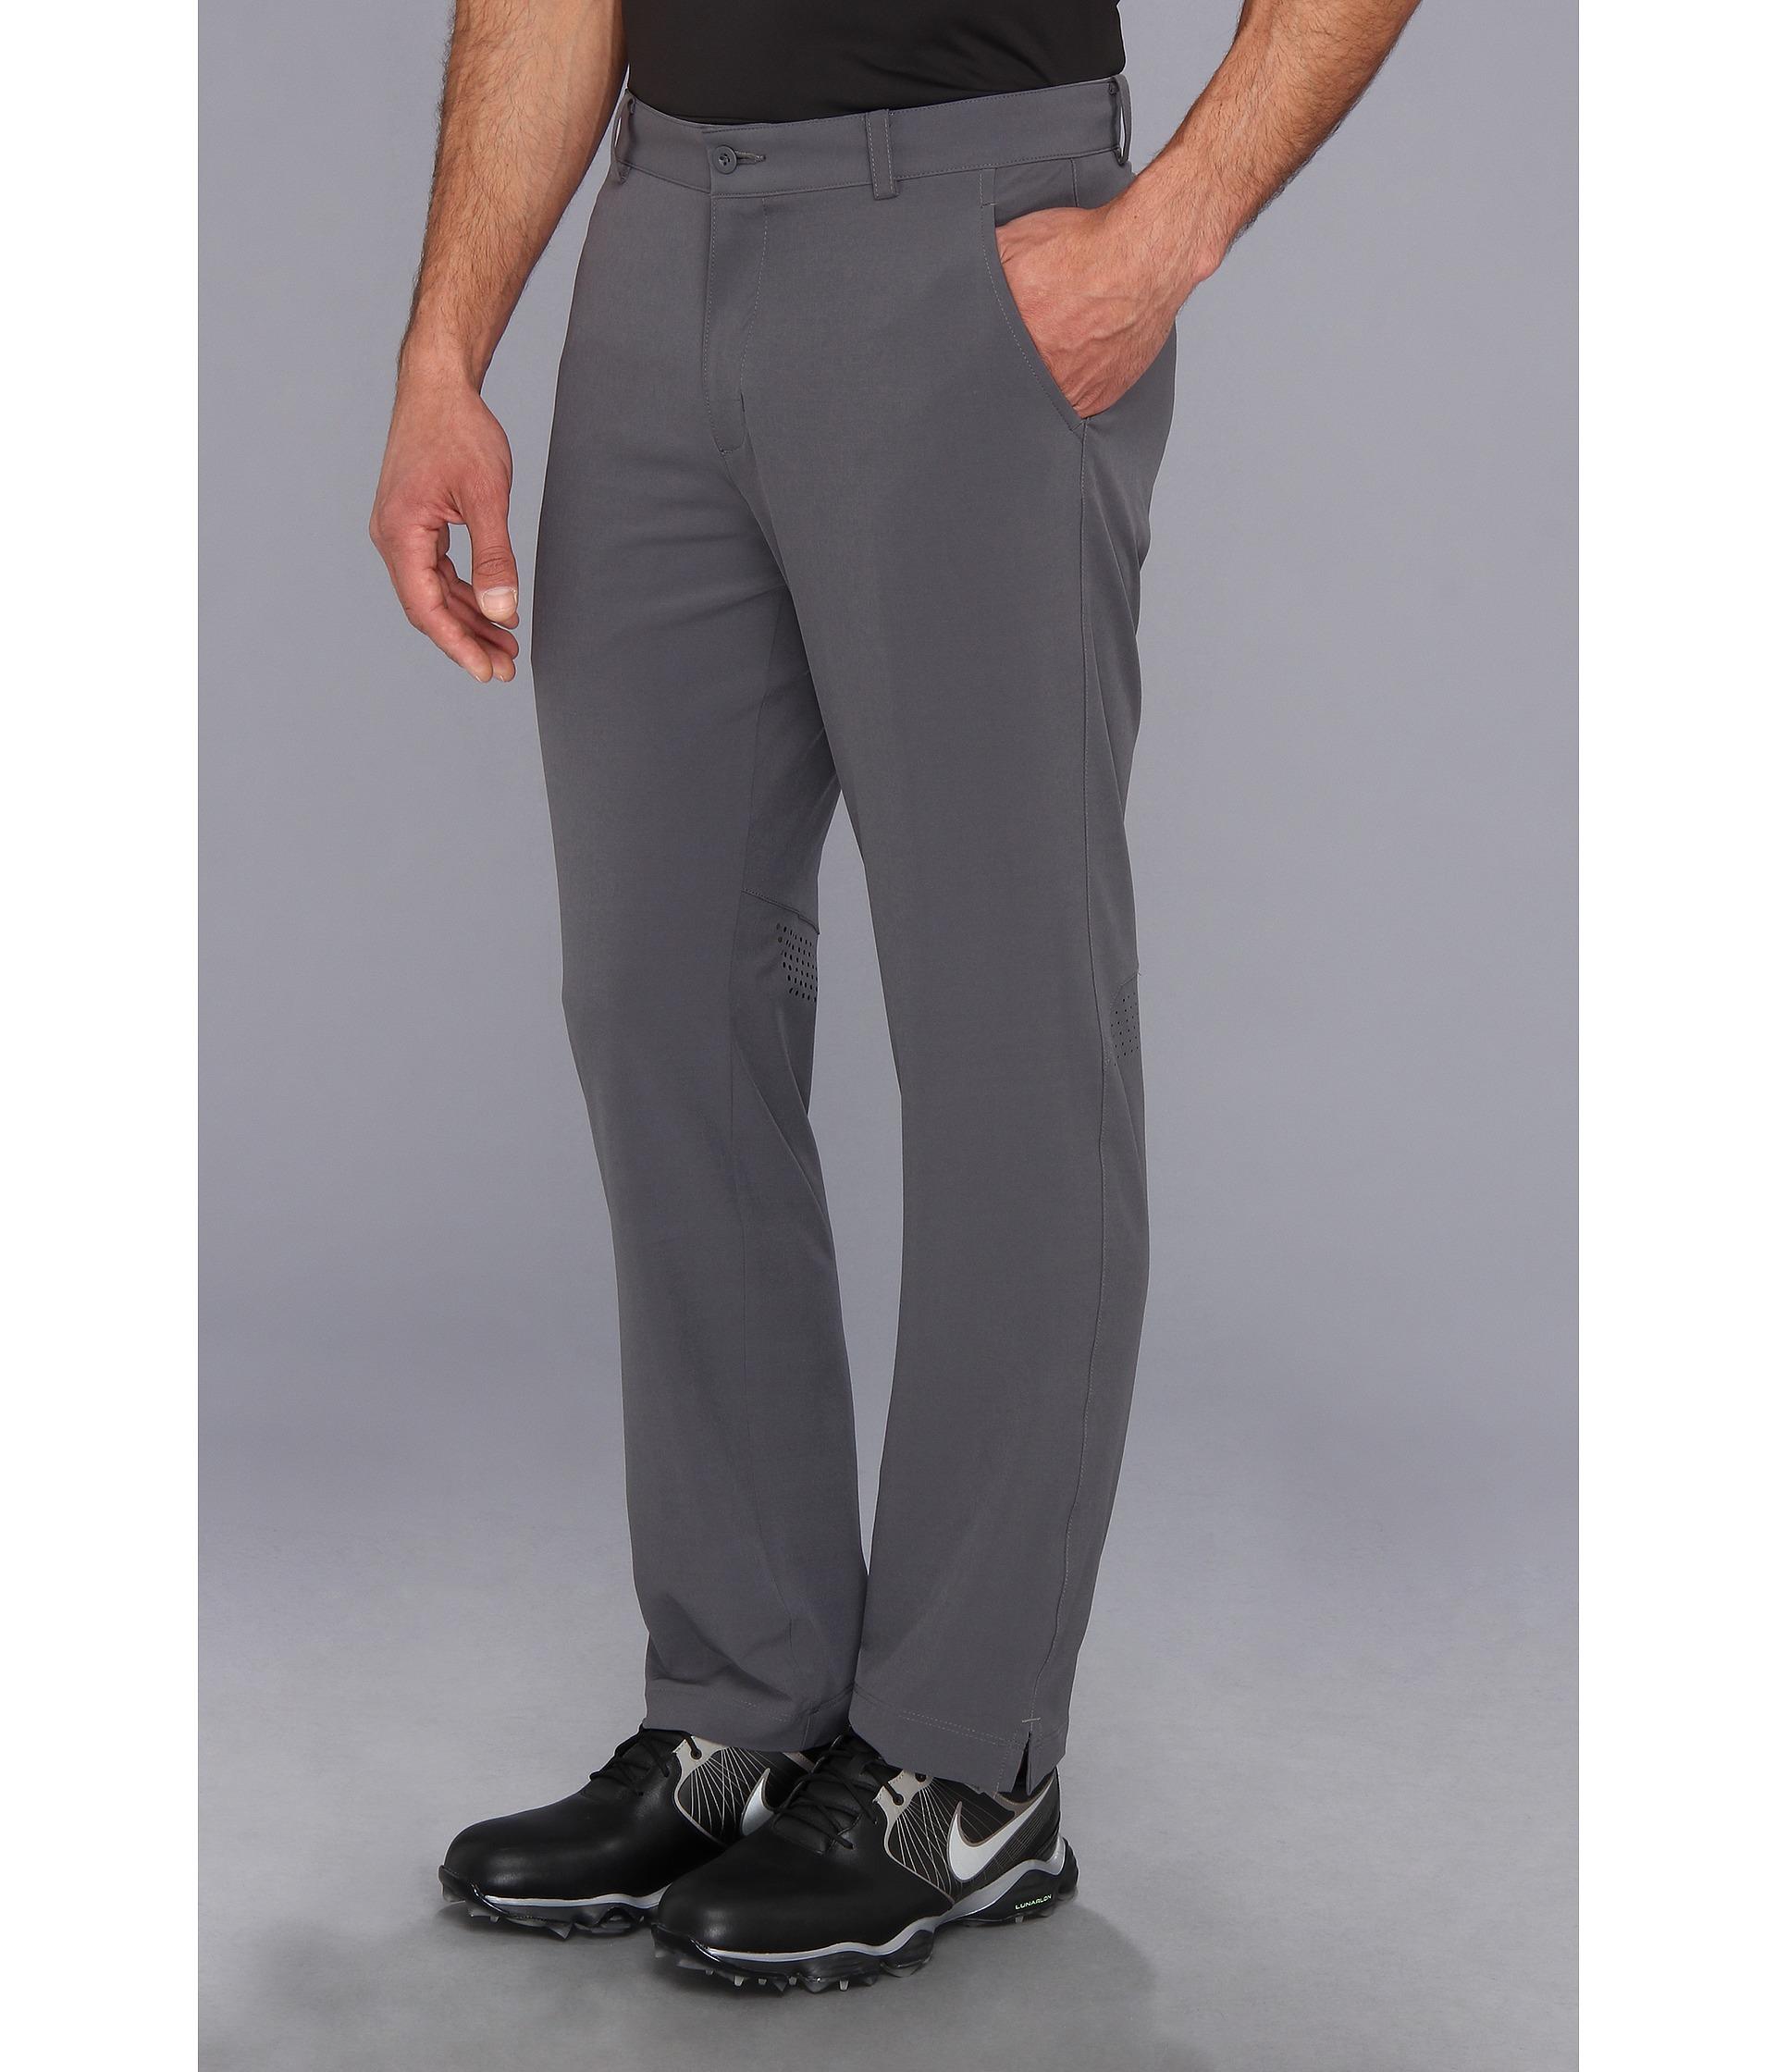 Nike Dri Fit Tour Trajectory Tech Pants